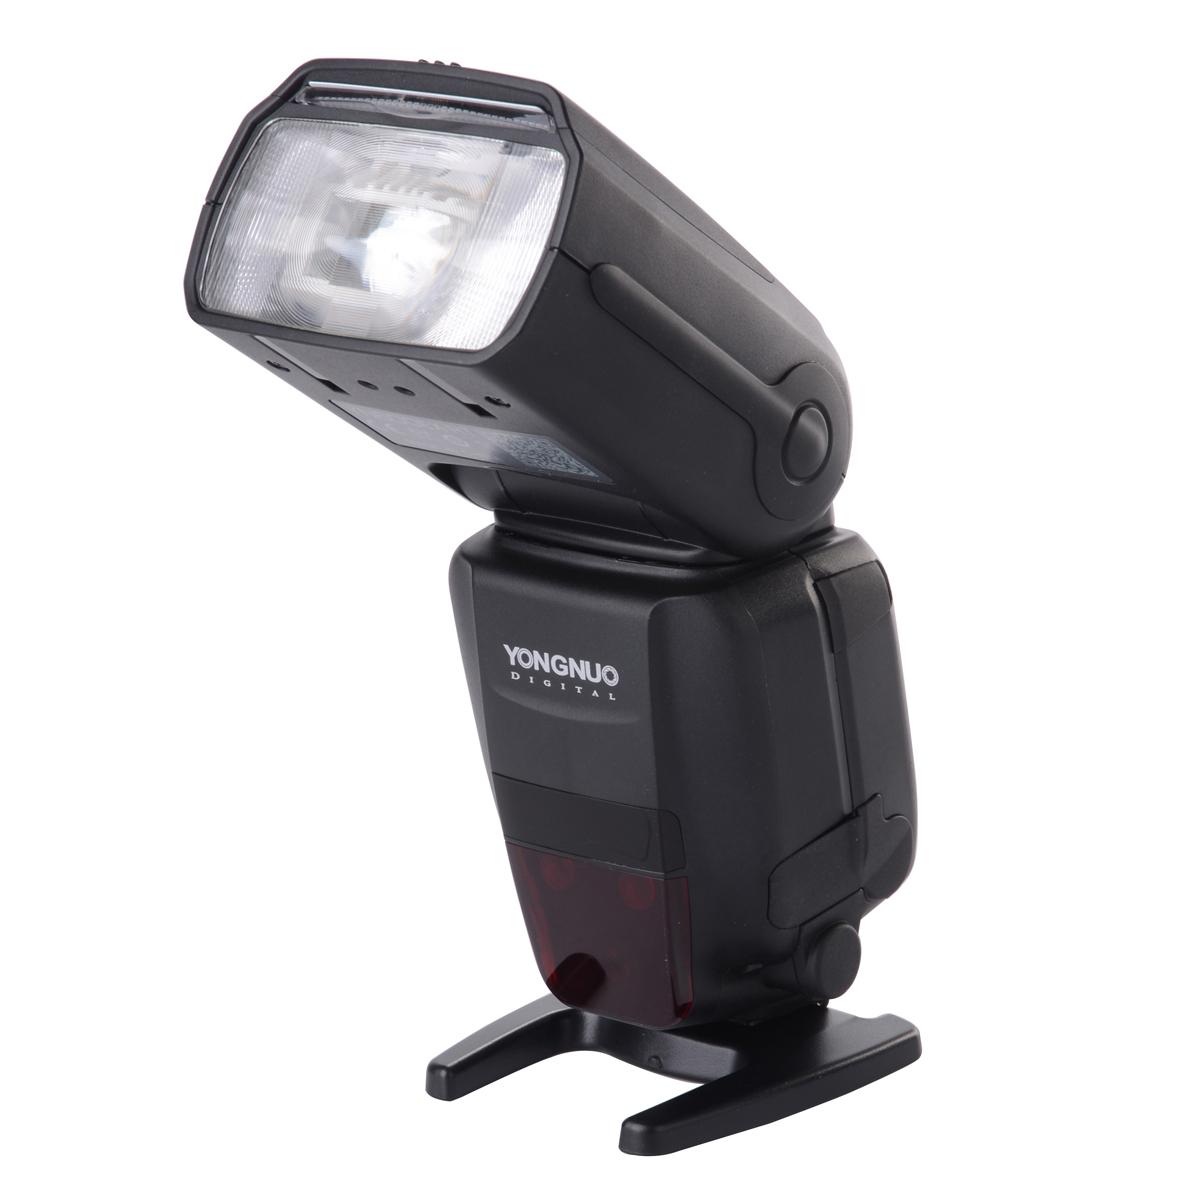 Оригинальные подлинная вспышка yongnuo YN600EX-РТ беспроводной вспышки Speedlite единицы ТТЛ Мастер для YN-E3 по РТ для Canon для Nikon LF630